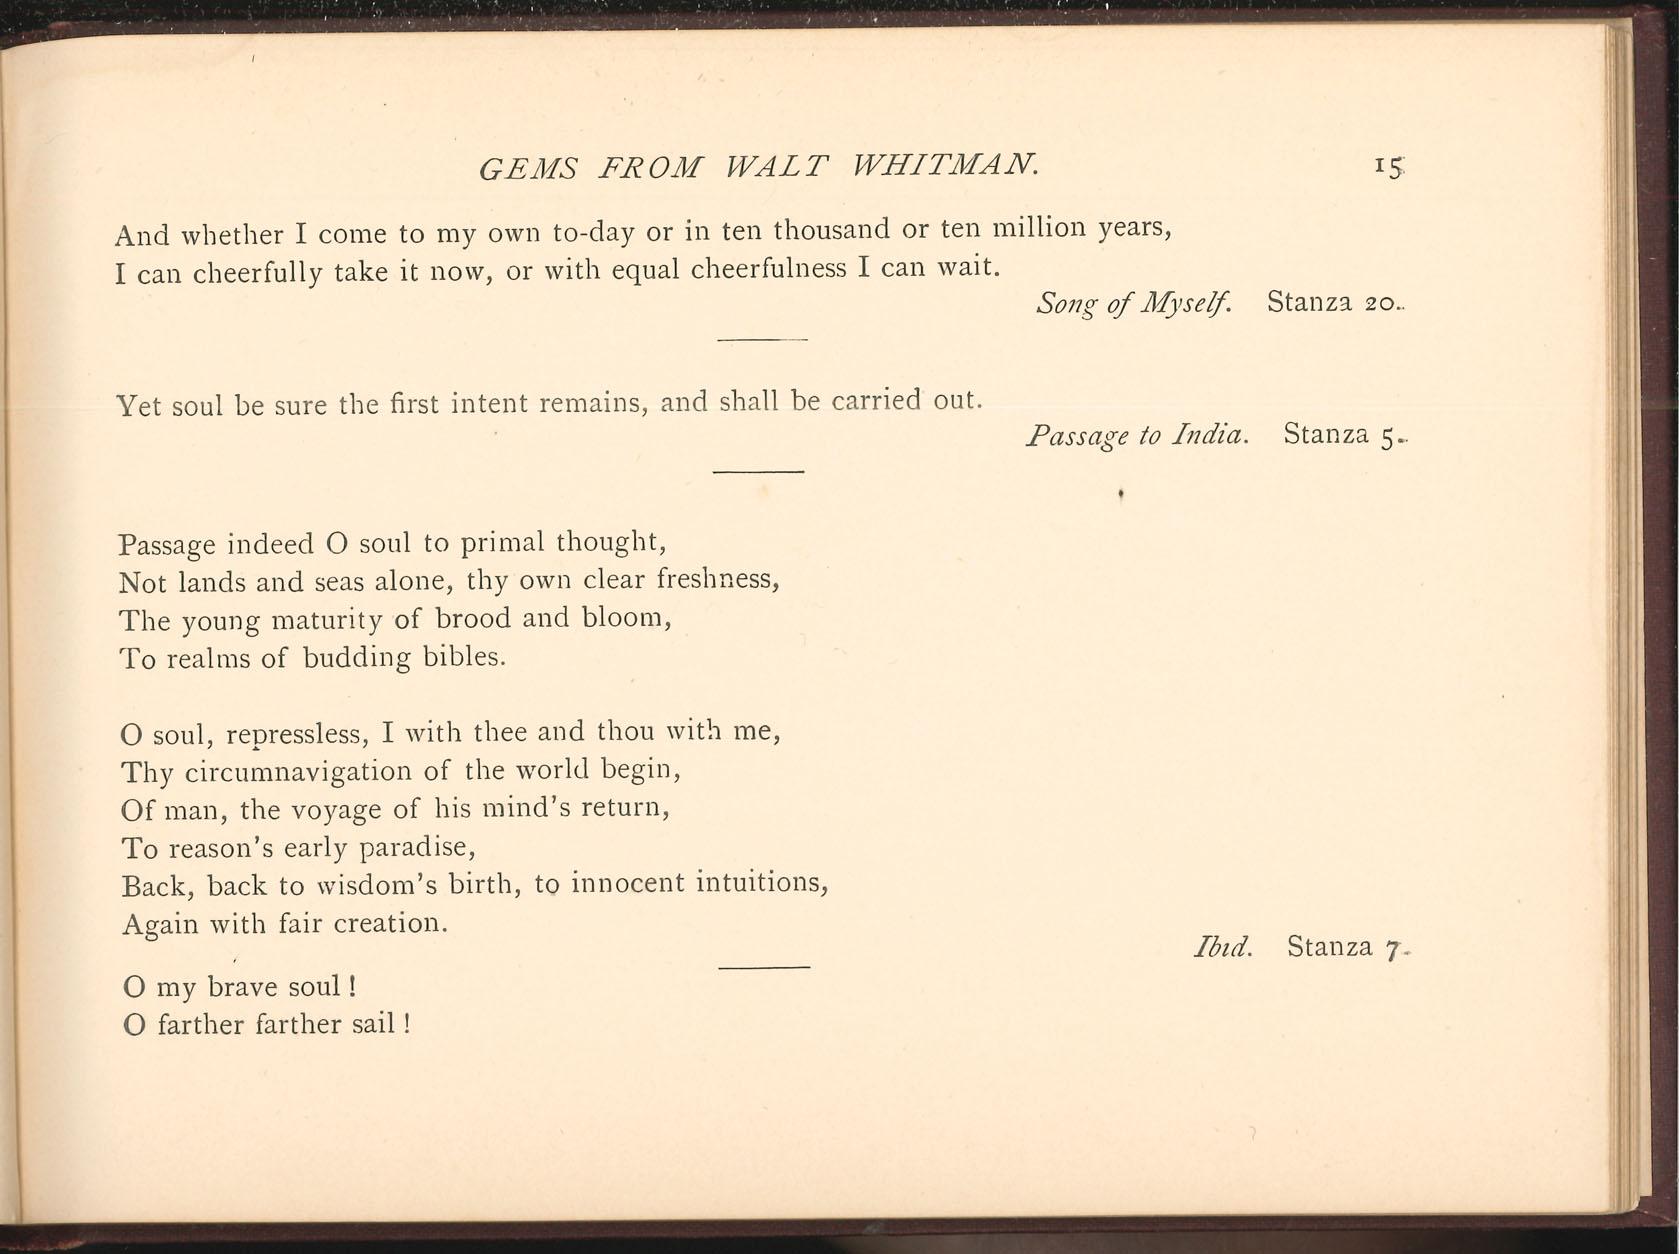 passage to india walt whitman